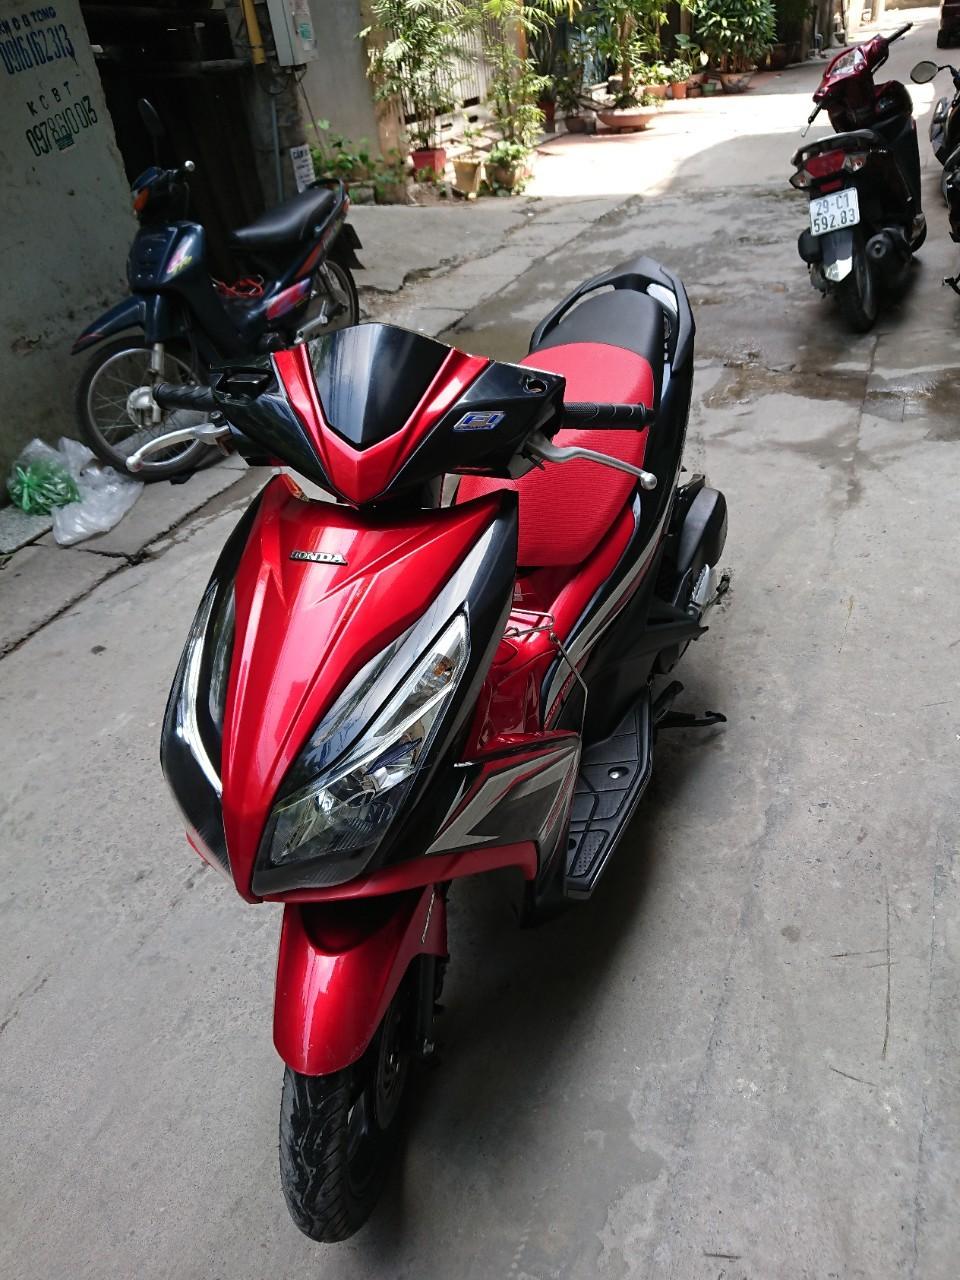 Can ban Honda Airblade 125 fi do den doi 2015 con moi chinh chu 32tr500 - 2